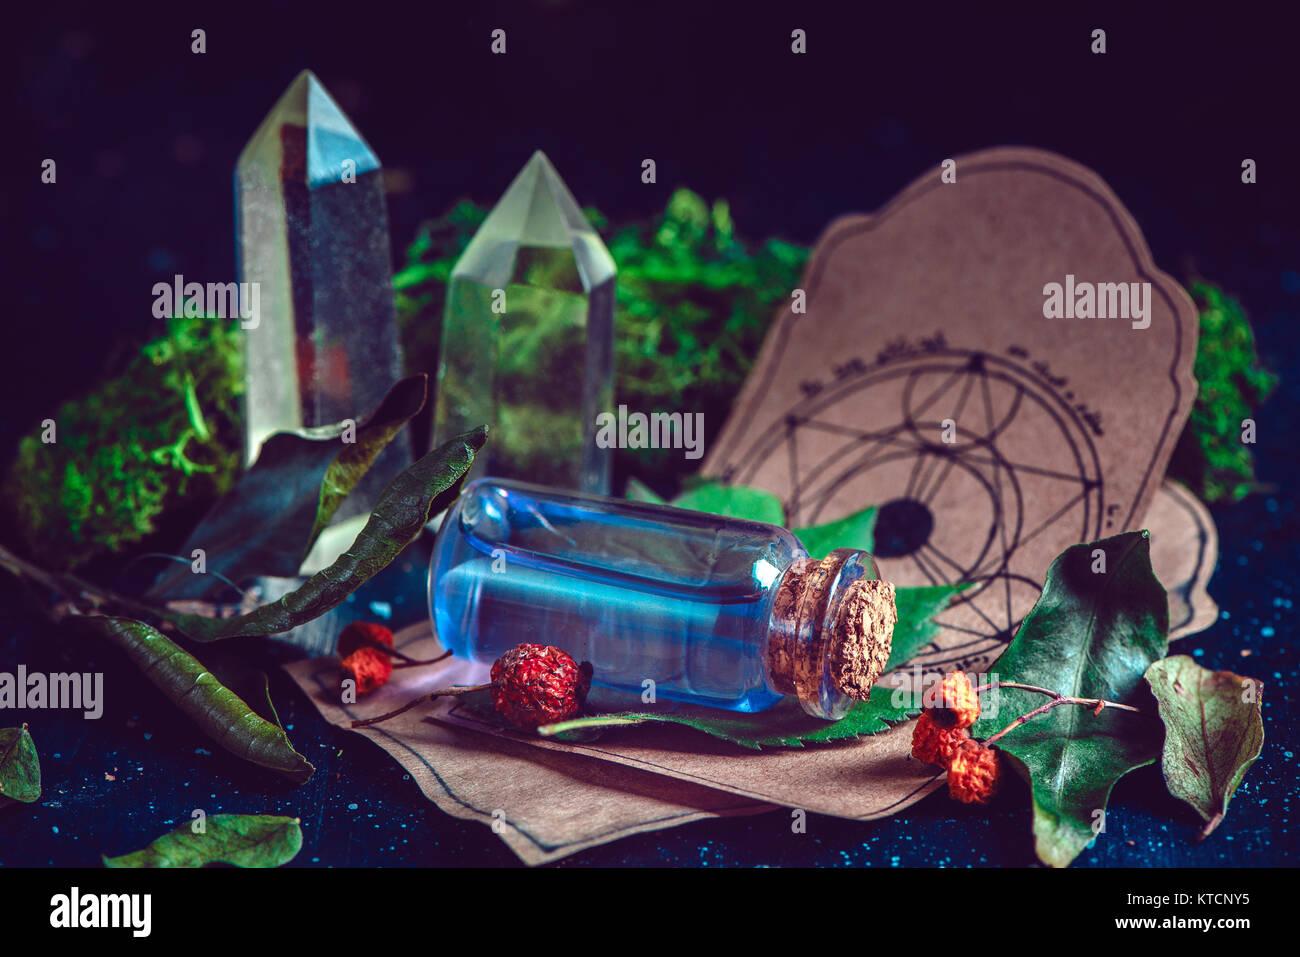 Potion botella con ingredientes, hierbas, musgos, y cristales en un mágico escenario. Moderno concepto de brujería Imagen De Stock